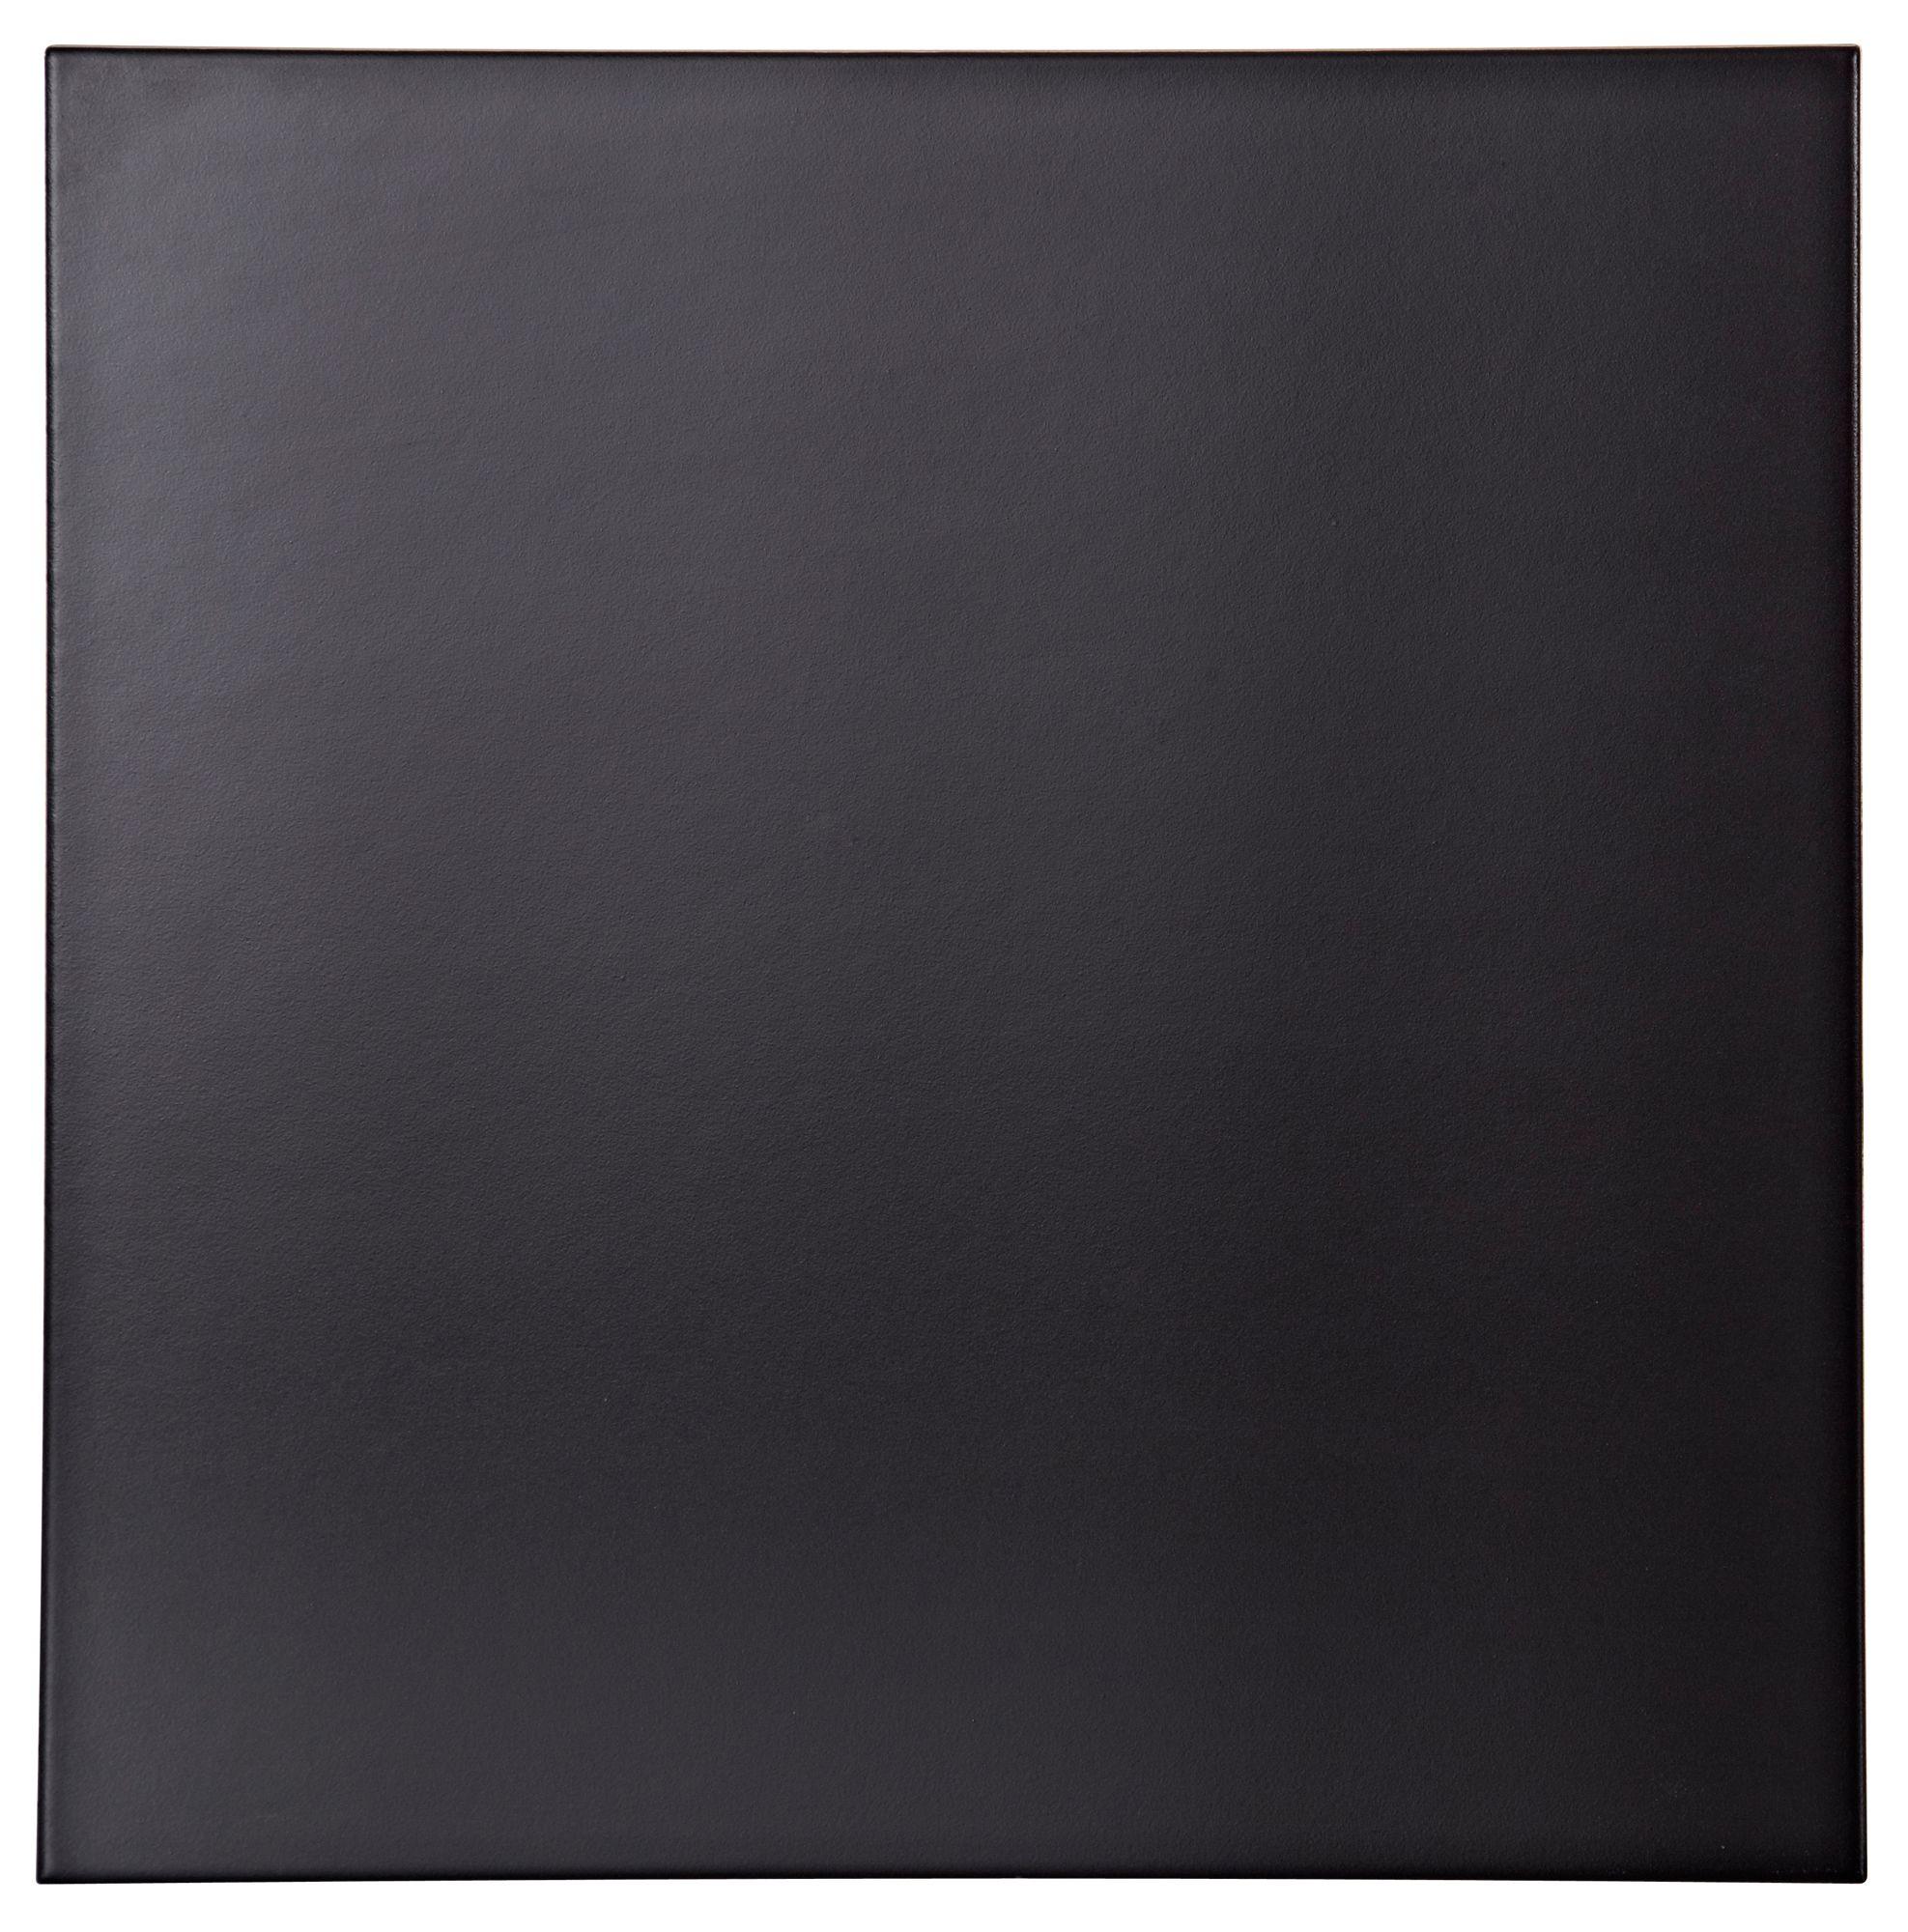 Umbria Black Porcelain Floor Tile Pack Of 9 L333mm W333mm